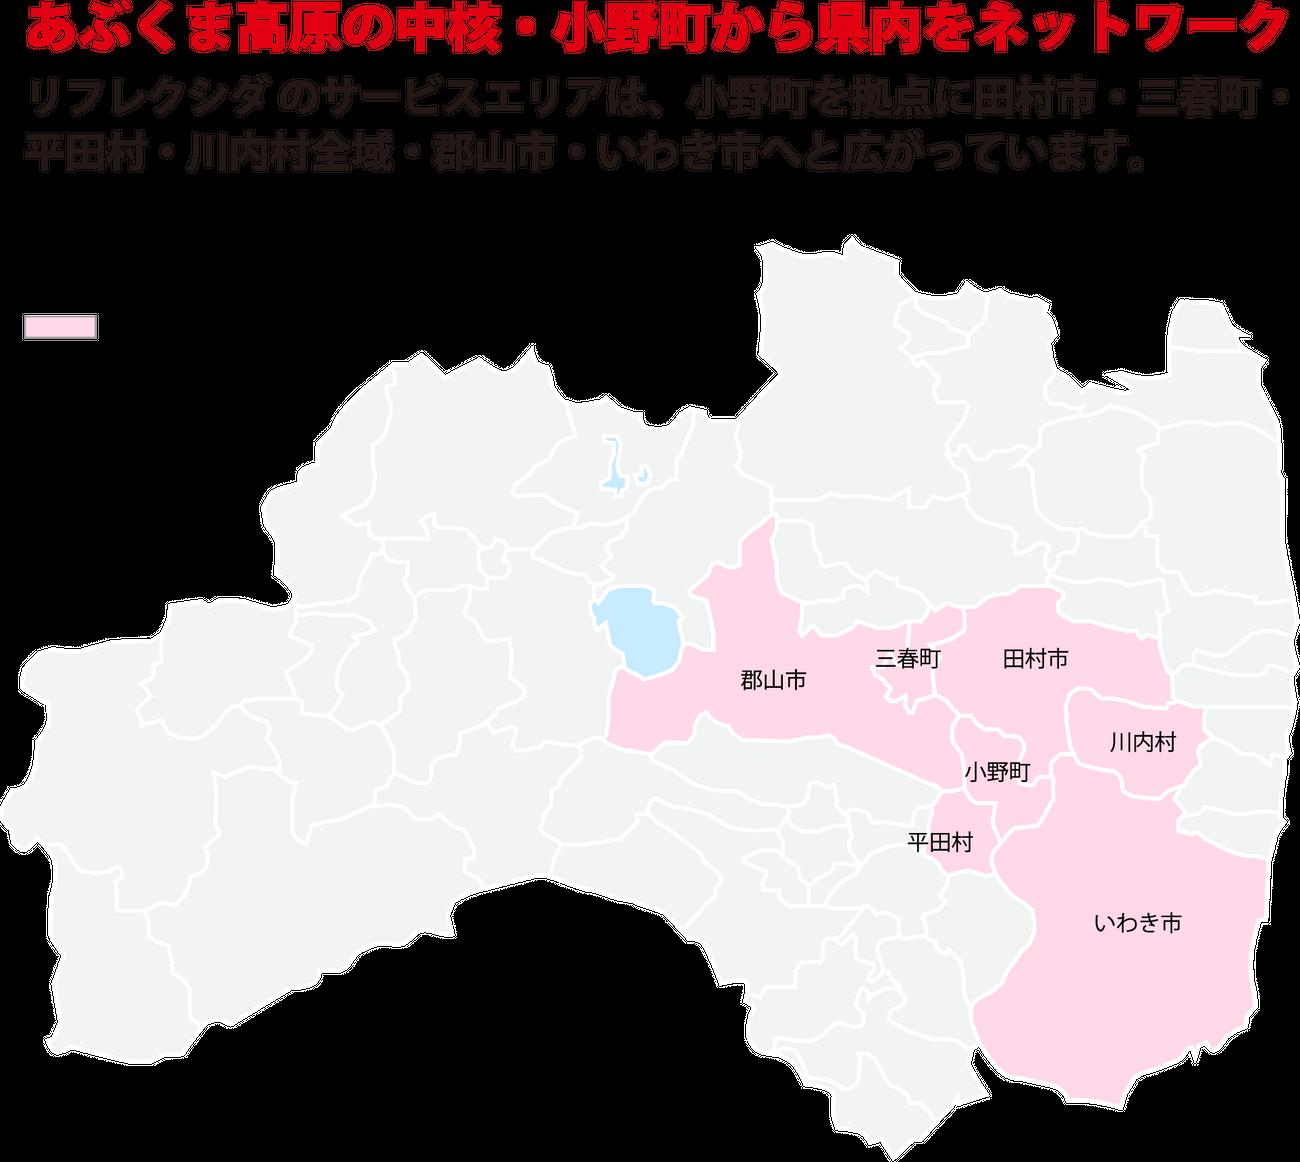 リフレクシダ のサービスエリアは、小野町を拠点に田村市・三春町・平田村・川内村全域・郡山市・いわき市へと広がっています。